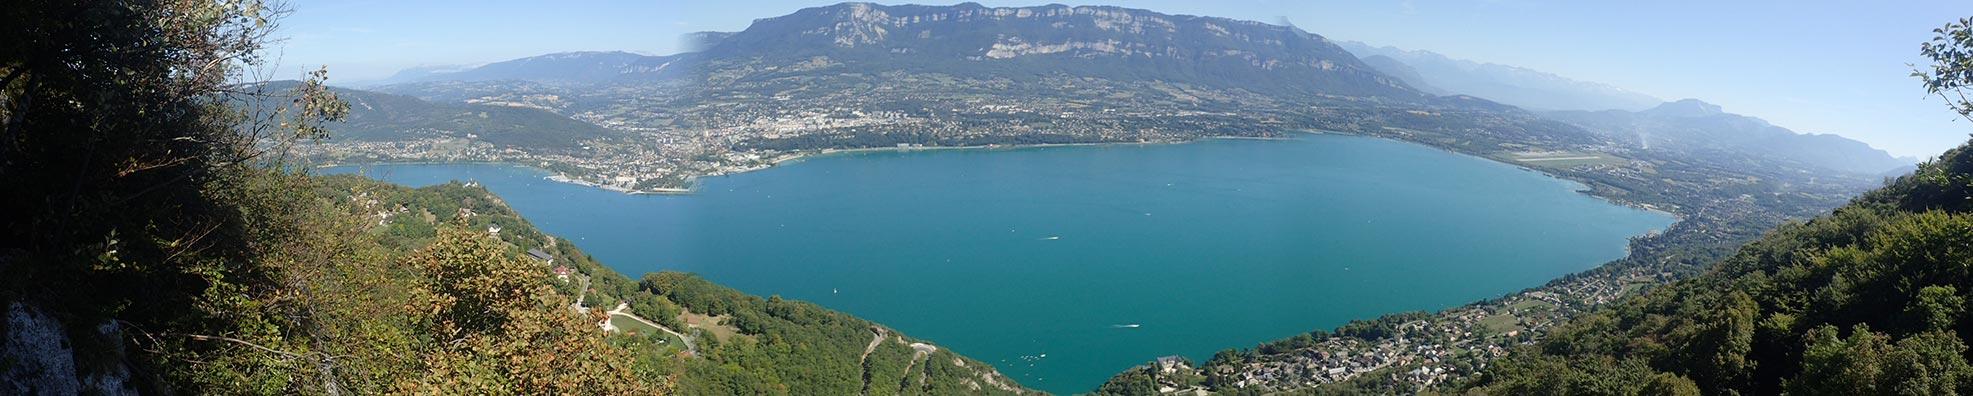 le lac du bourget vue depuis la via ferrata du col du chat